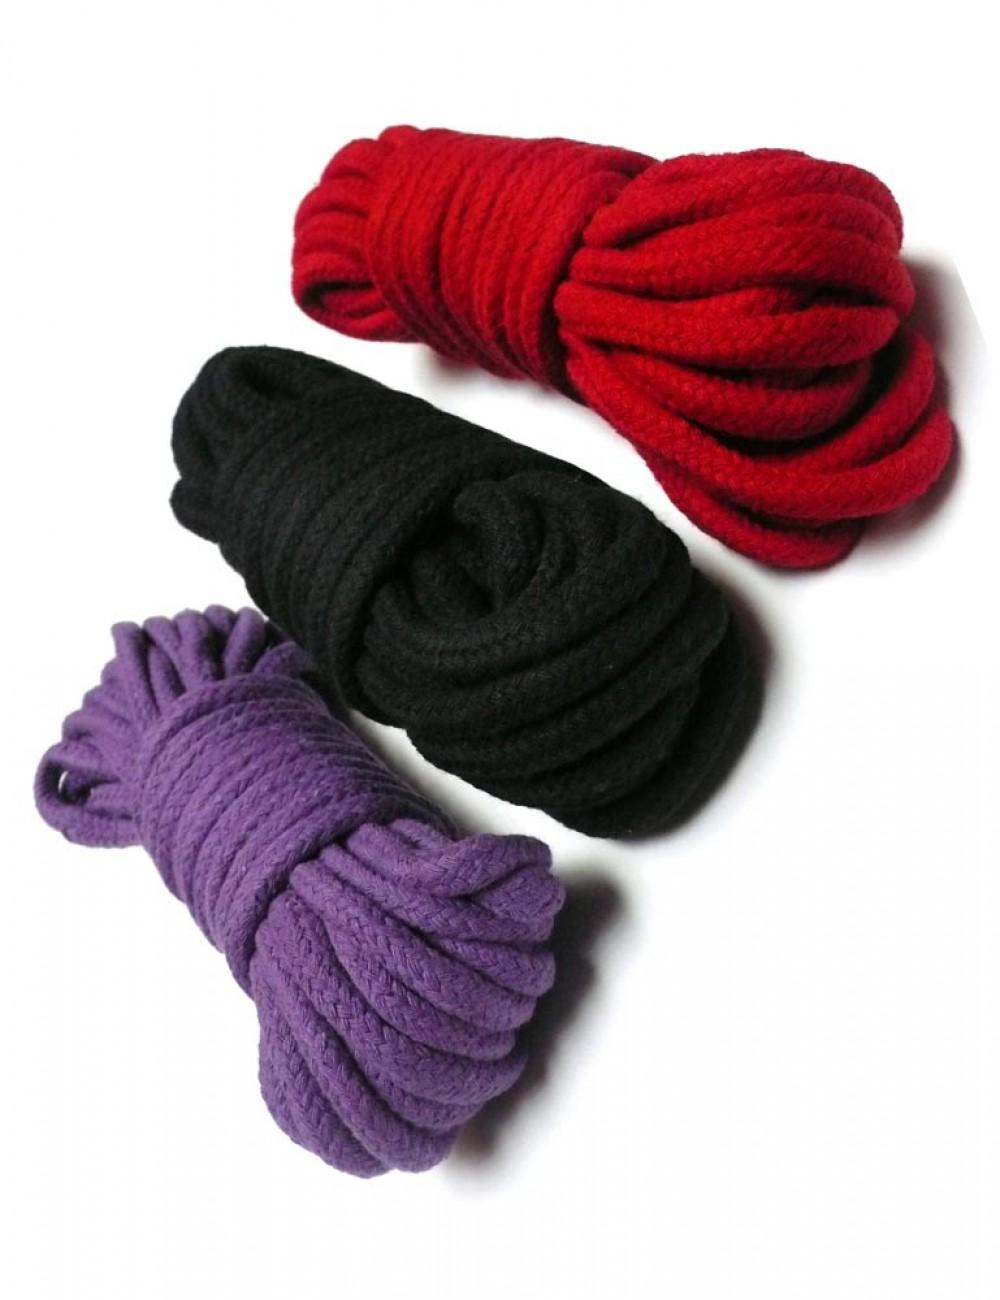 Cotton Bondage Rope